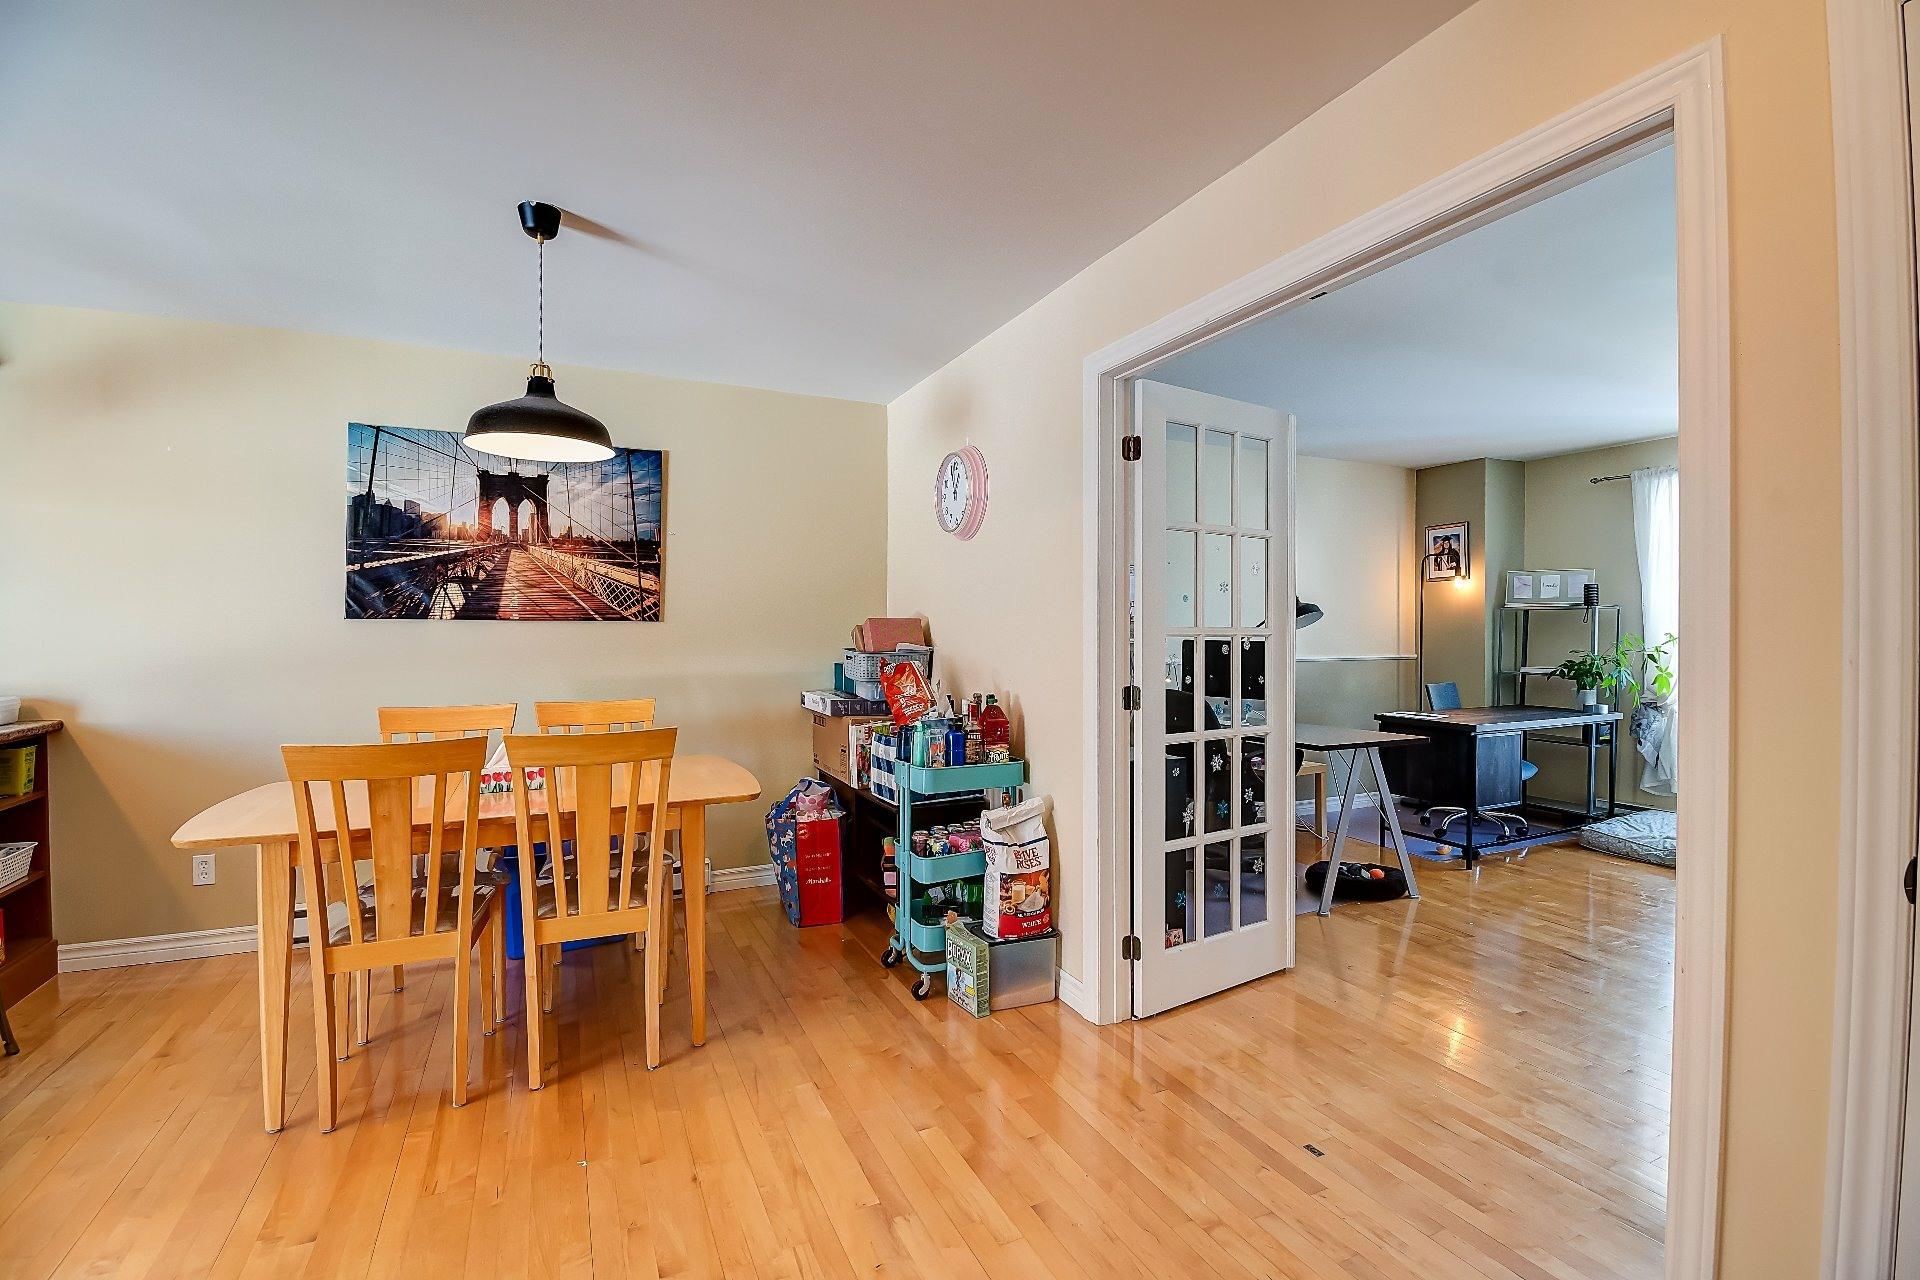 image 7 - Maison À vendre Trois-Rivières - 10 pièces